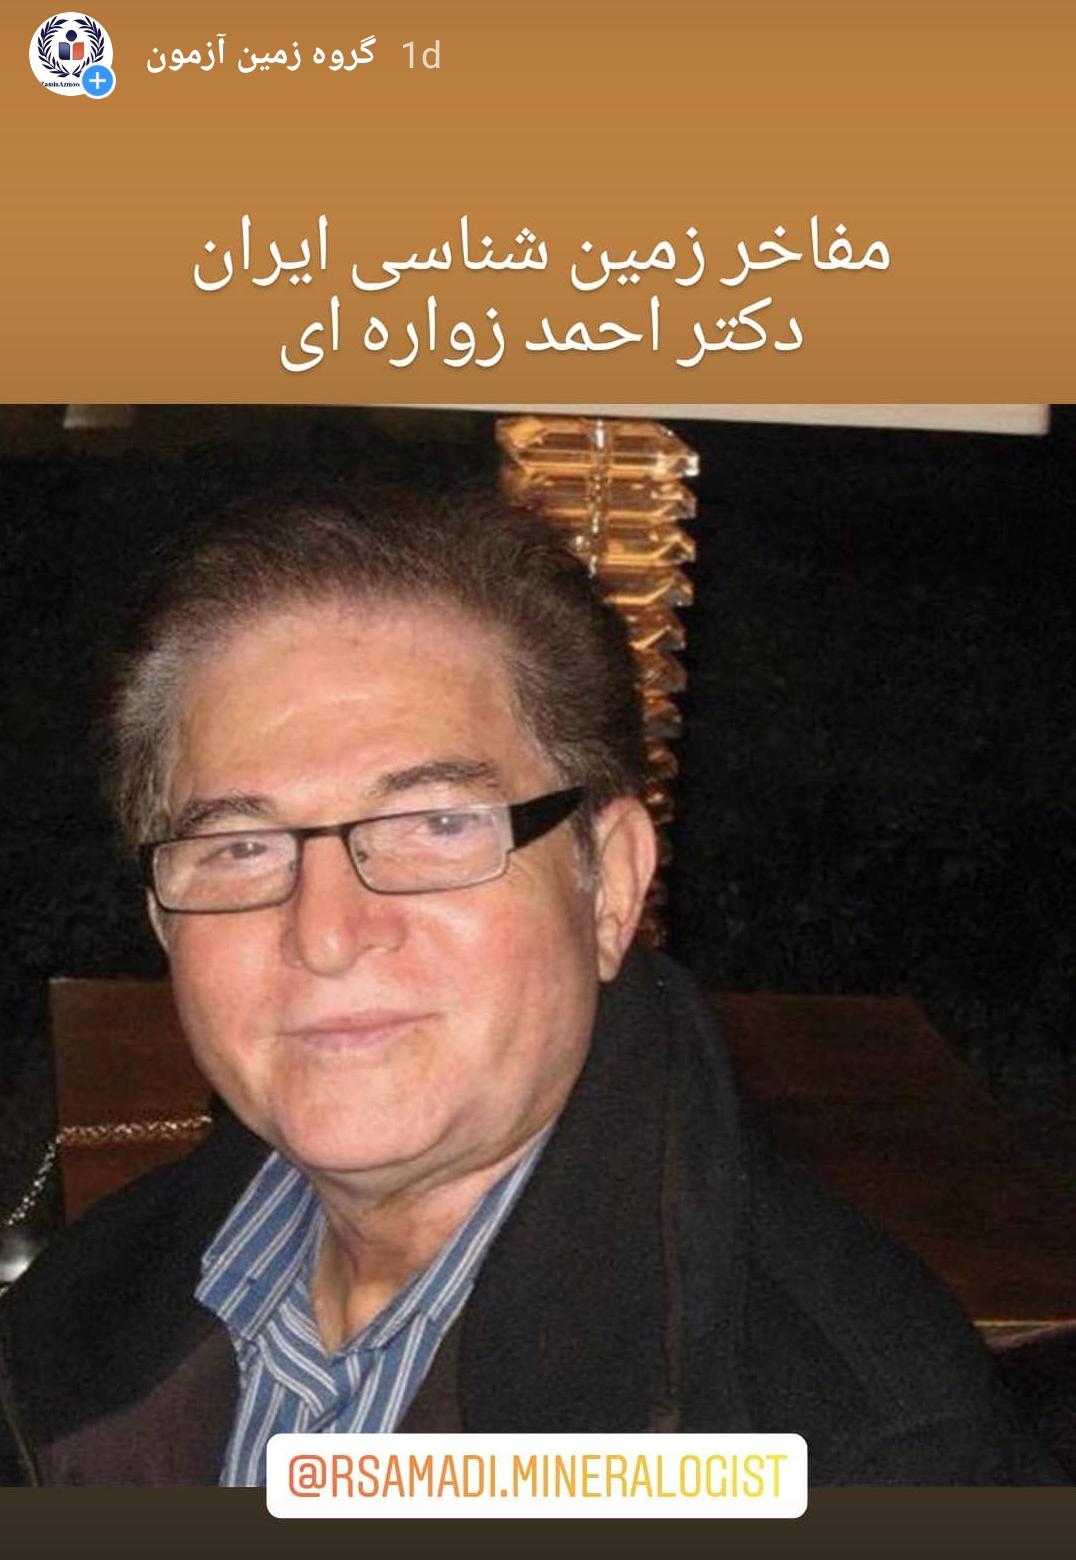 دکتر احمد زواره ای